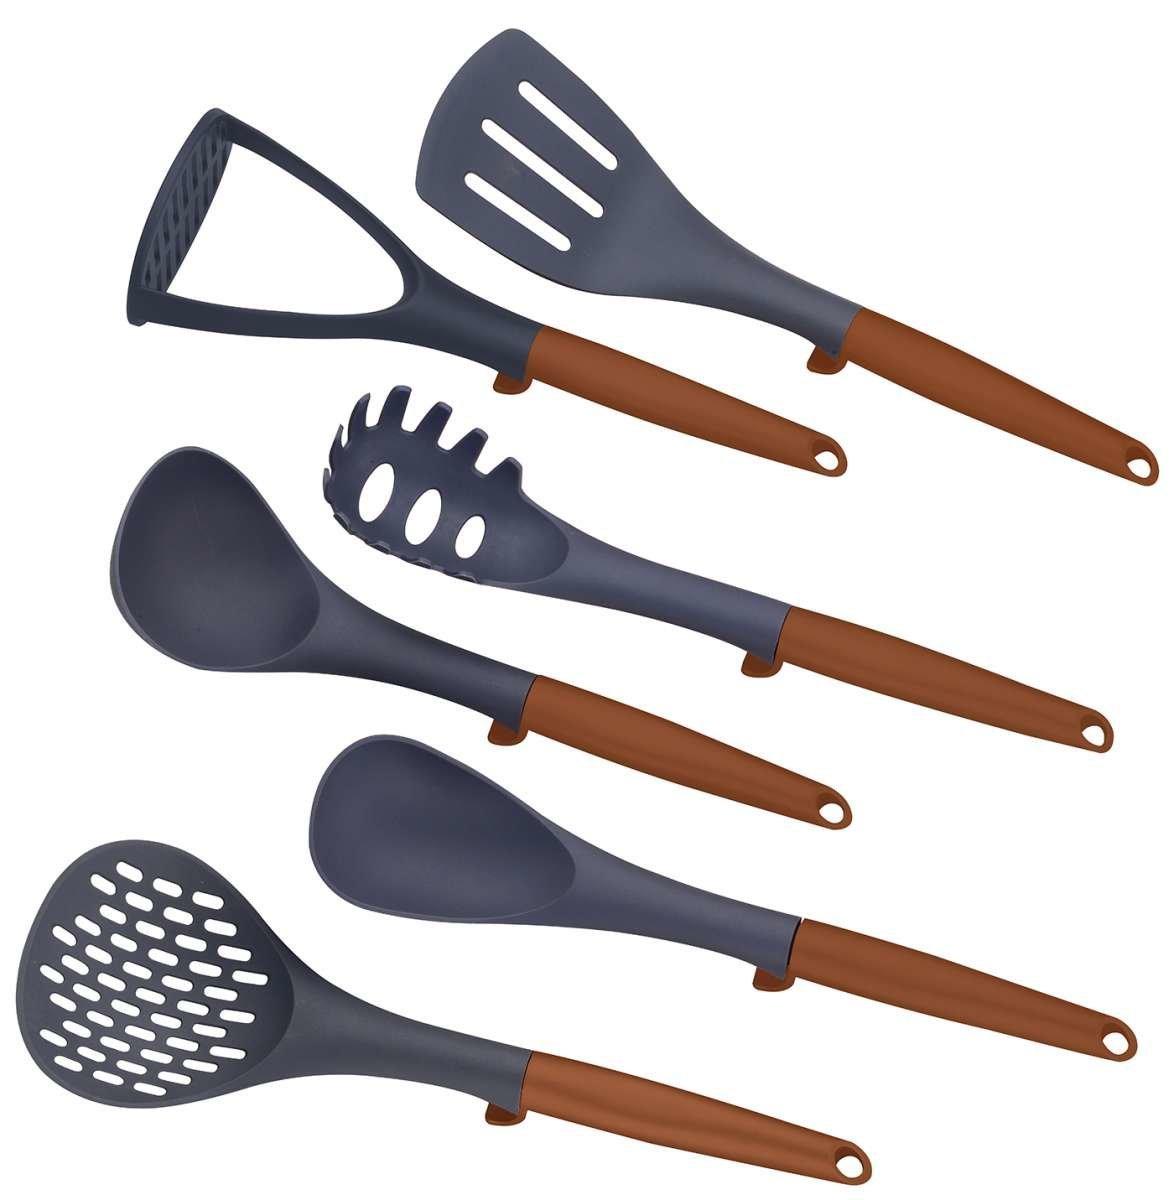 Carl Schmidt Sohn - KUPDERBERG系列 廚房餐具六件套